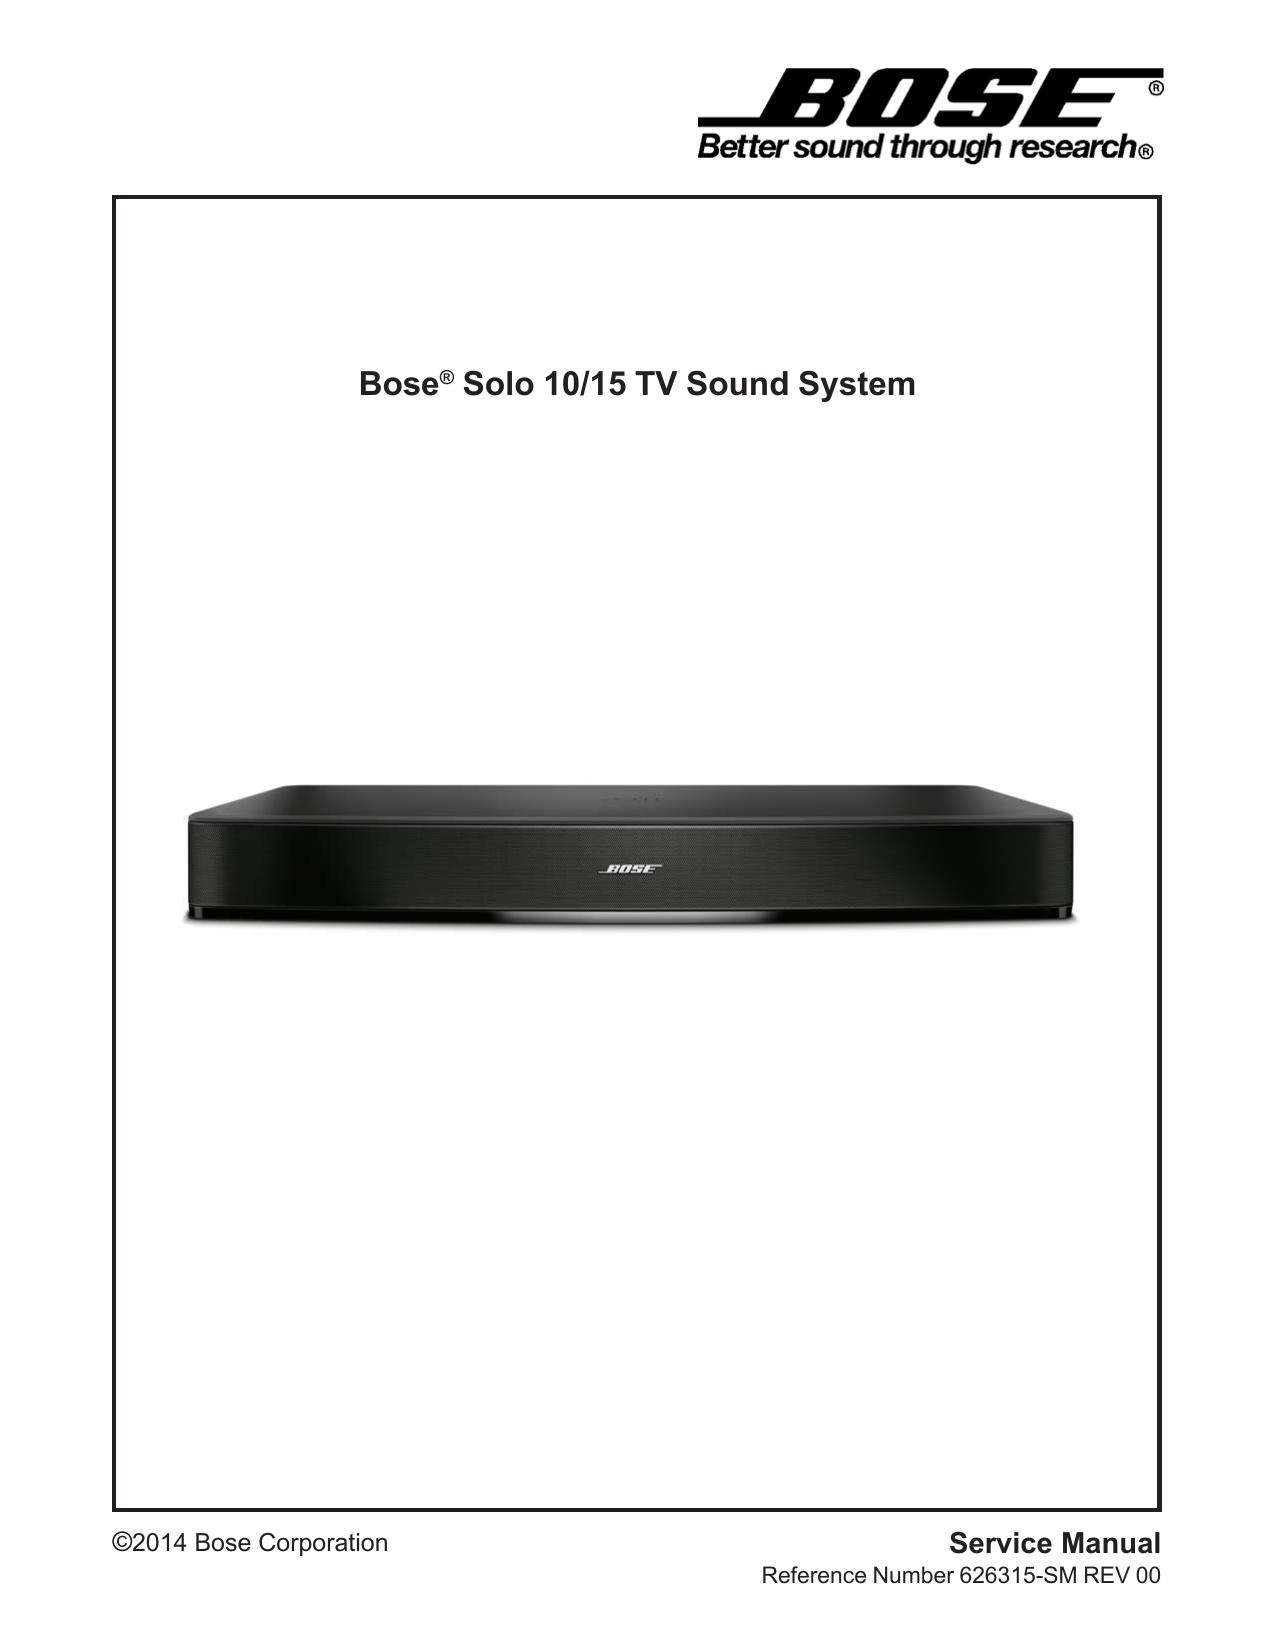 bose solo 10/15 service manual